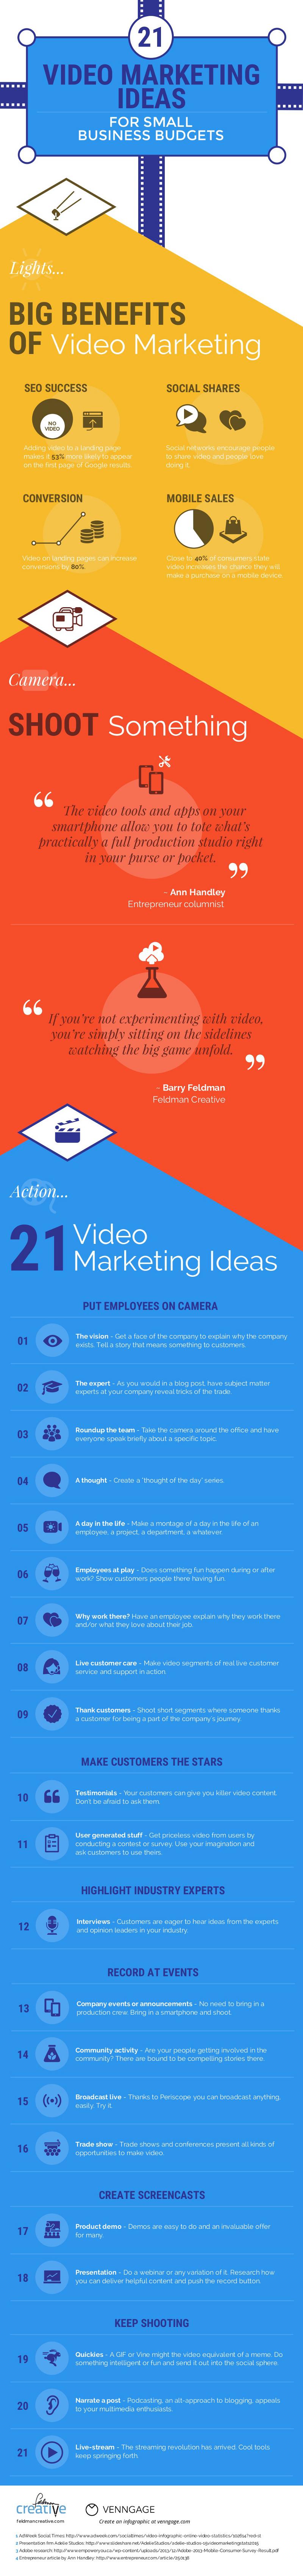 Video-Marketing-Tactics